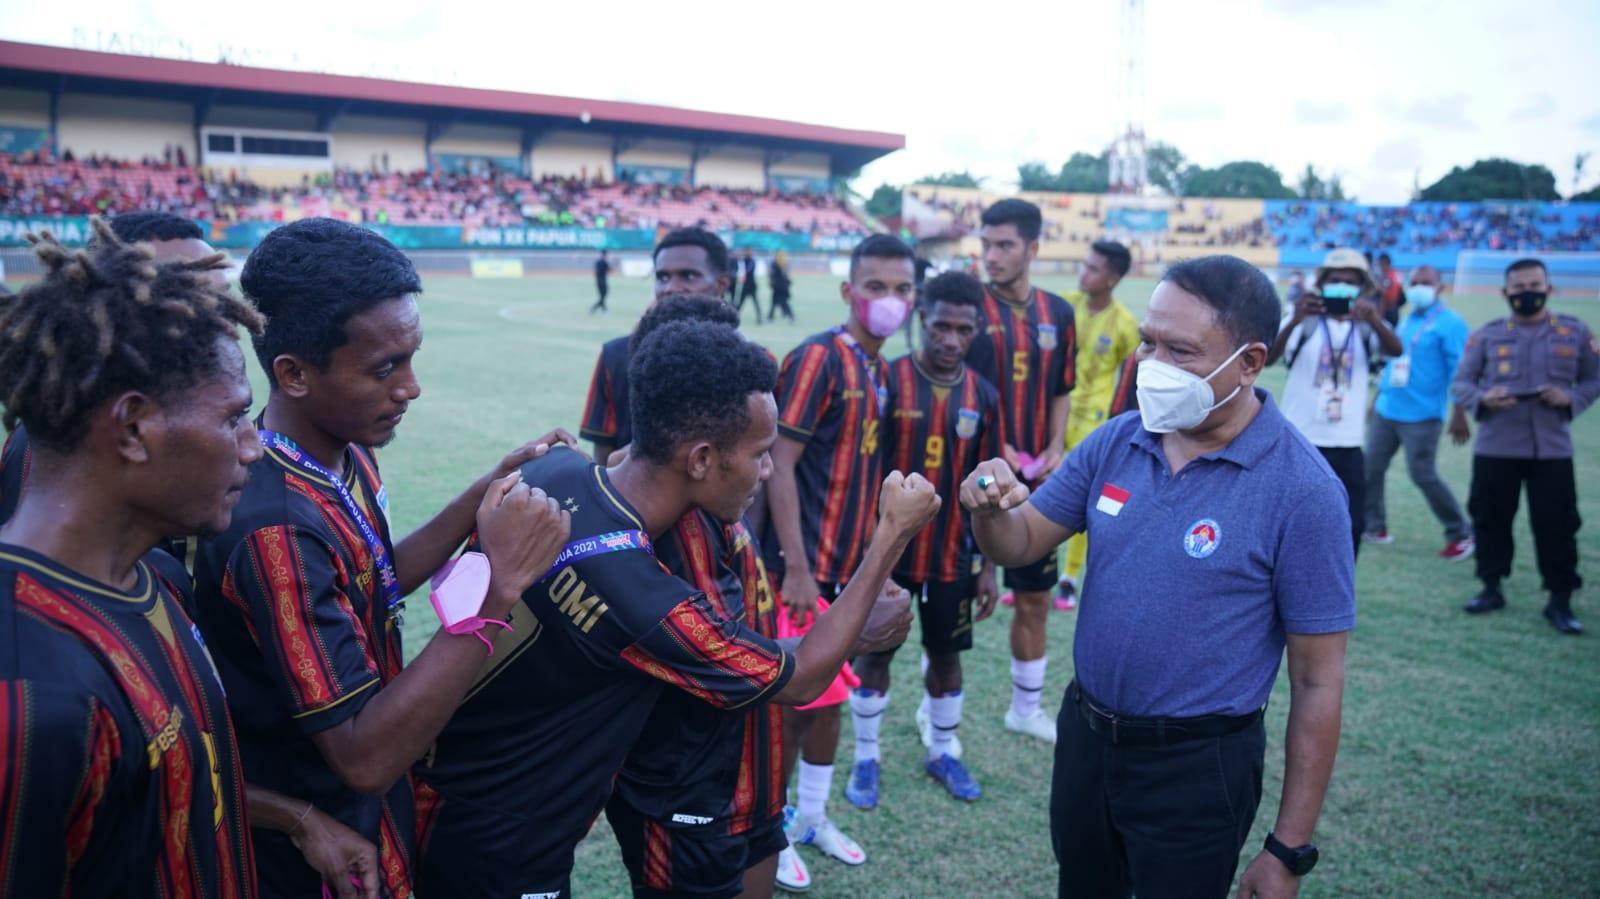 Saksikan Semifinal Sepak Bola Putra PON XX, Menpora: Semua Berjalan Kondusif dan Apresiasi untuk Masyarakat Papua